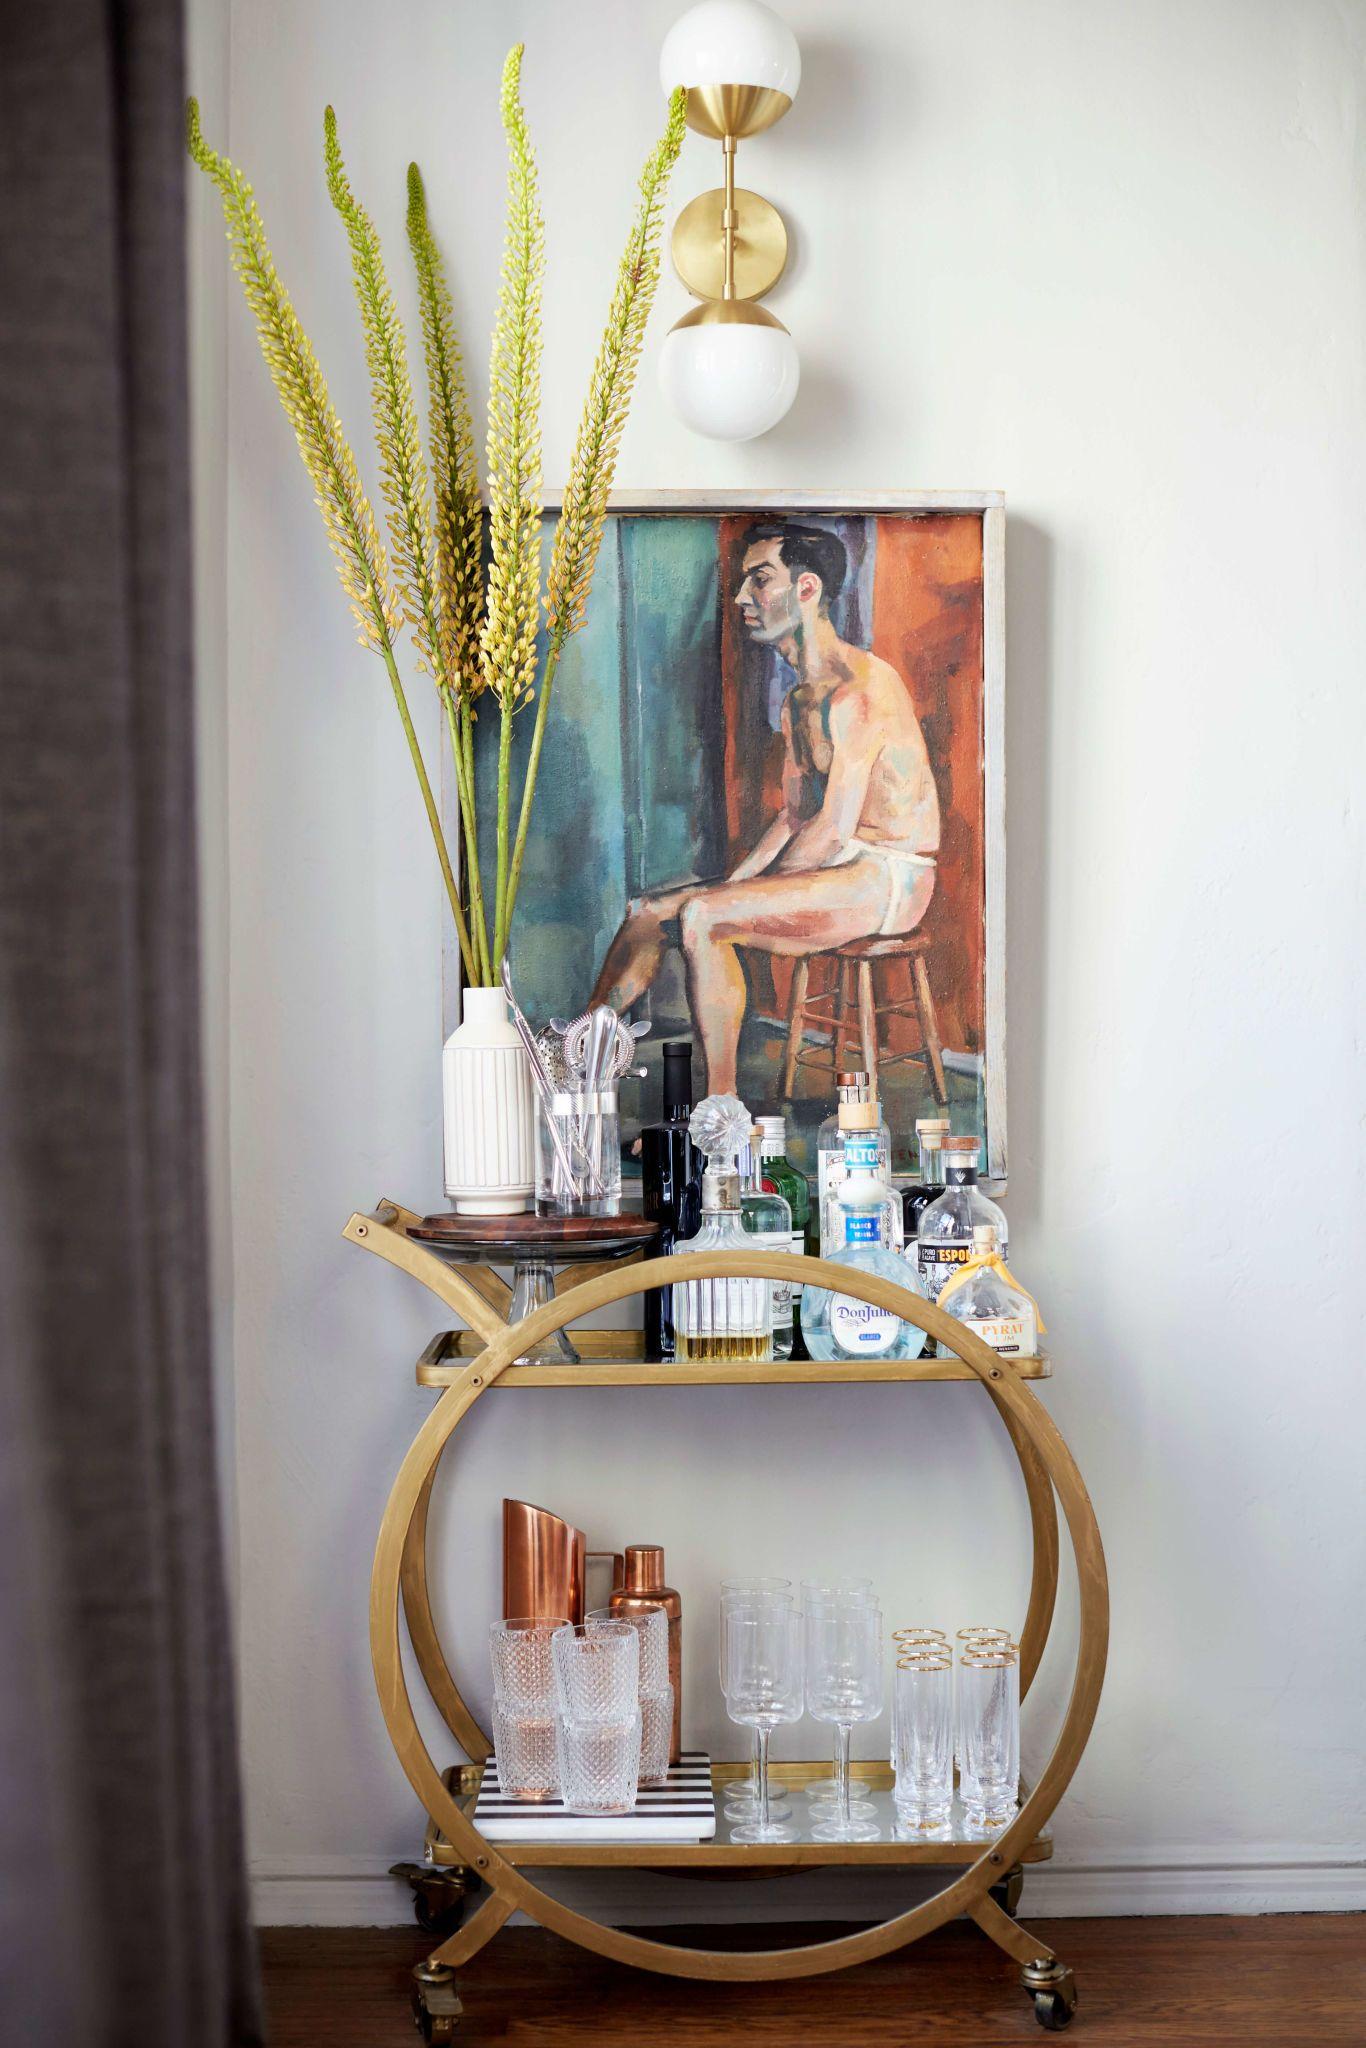 Brady S Living Room Reveal Emily Henderson Living Room Re